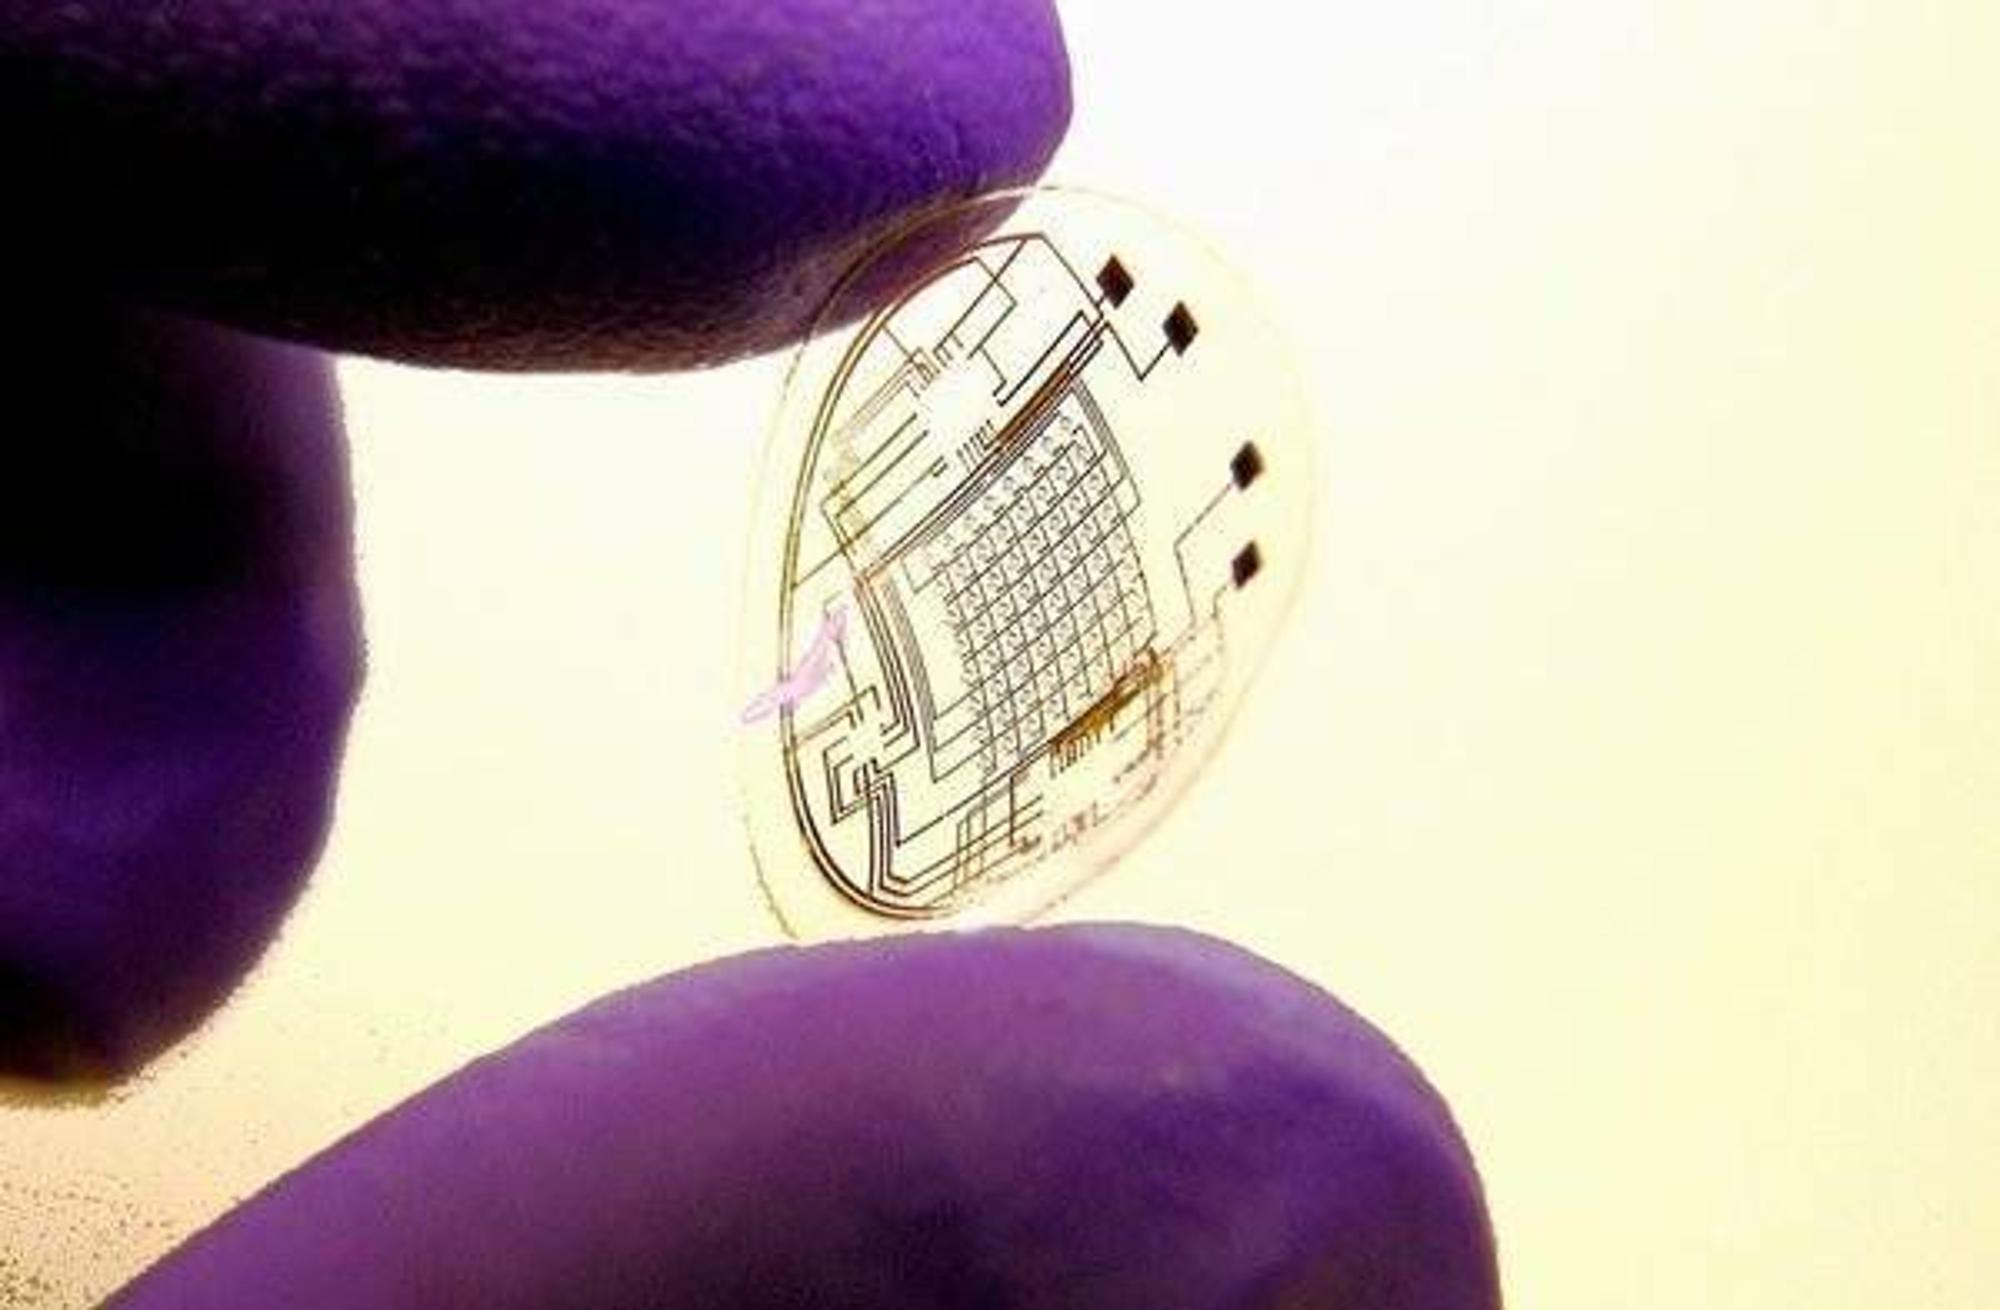 NYTT: Dette er Bionic Eyes protoype på en TV-linse.